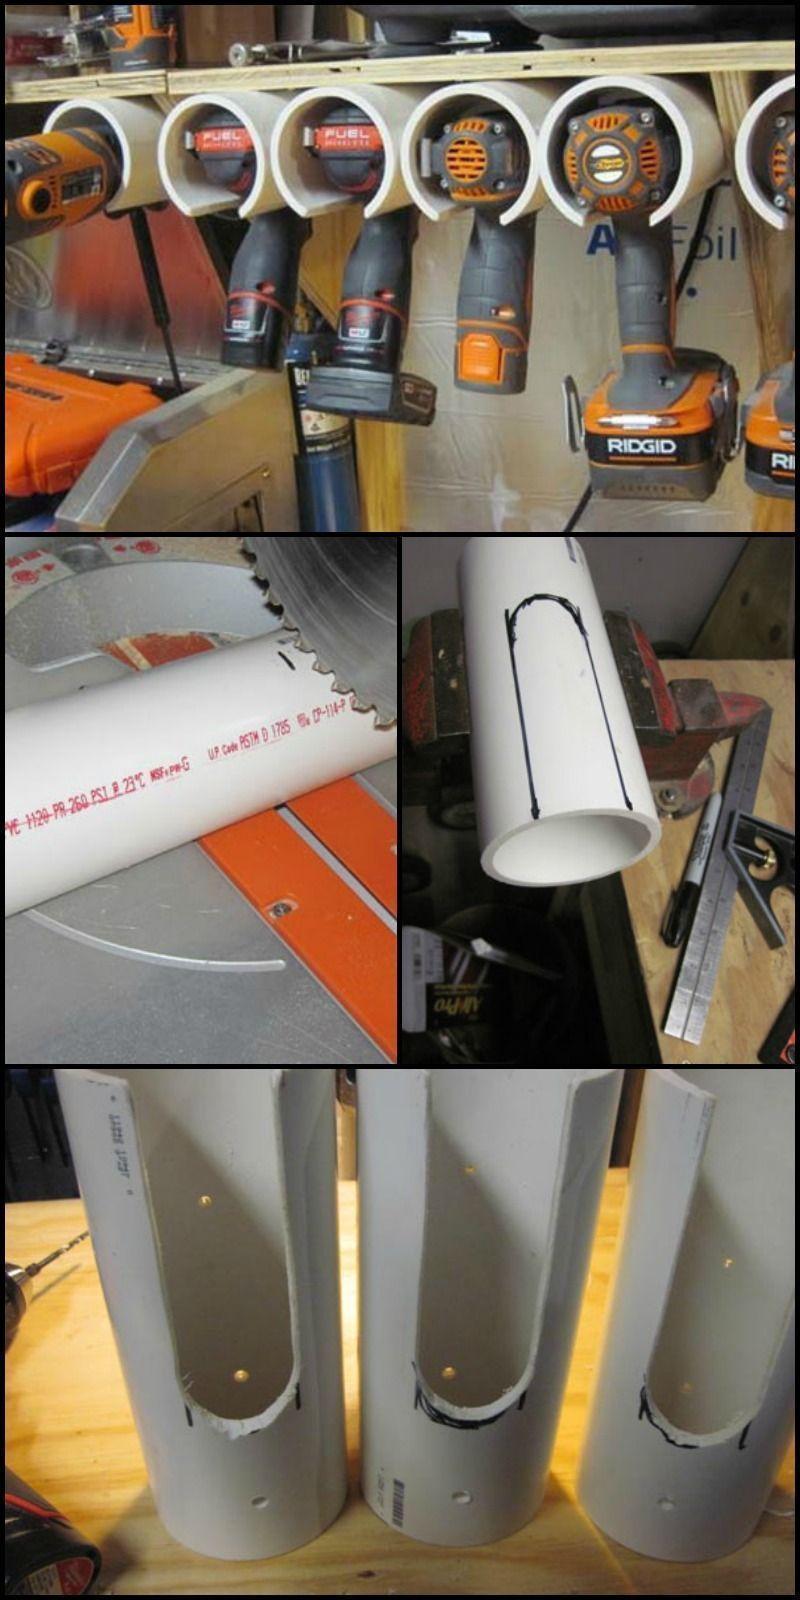 Pin by jd Schenkler on Wood Working Garage storage, Tool